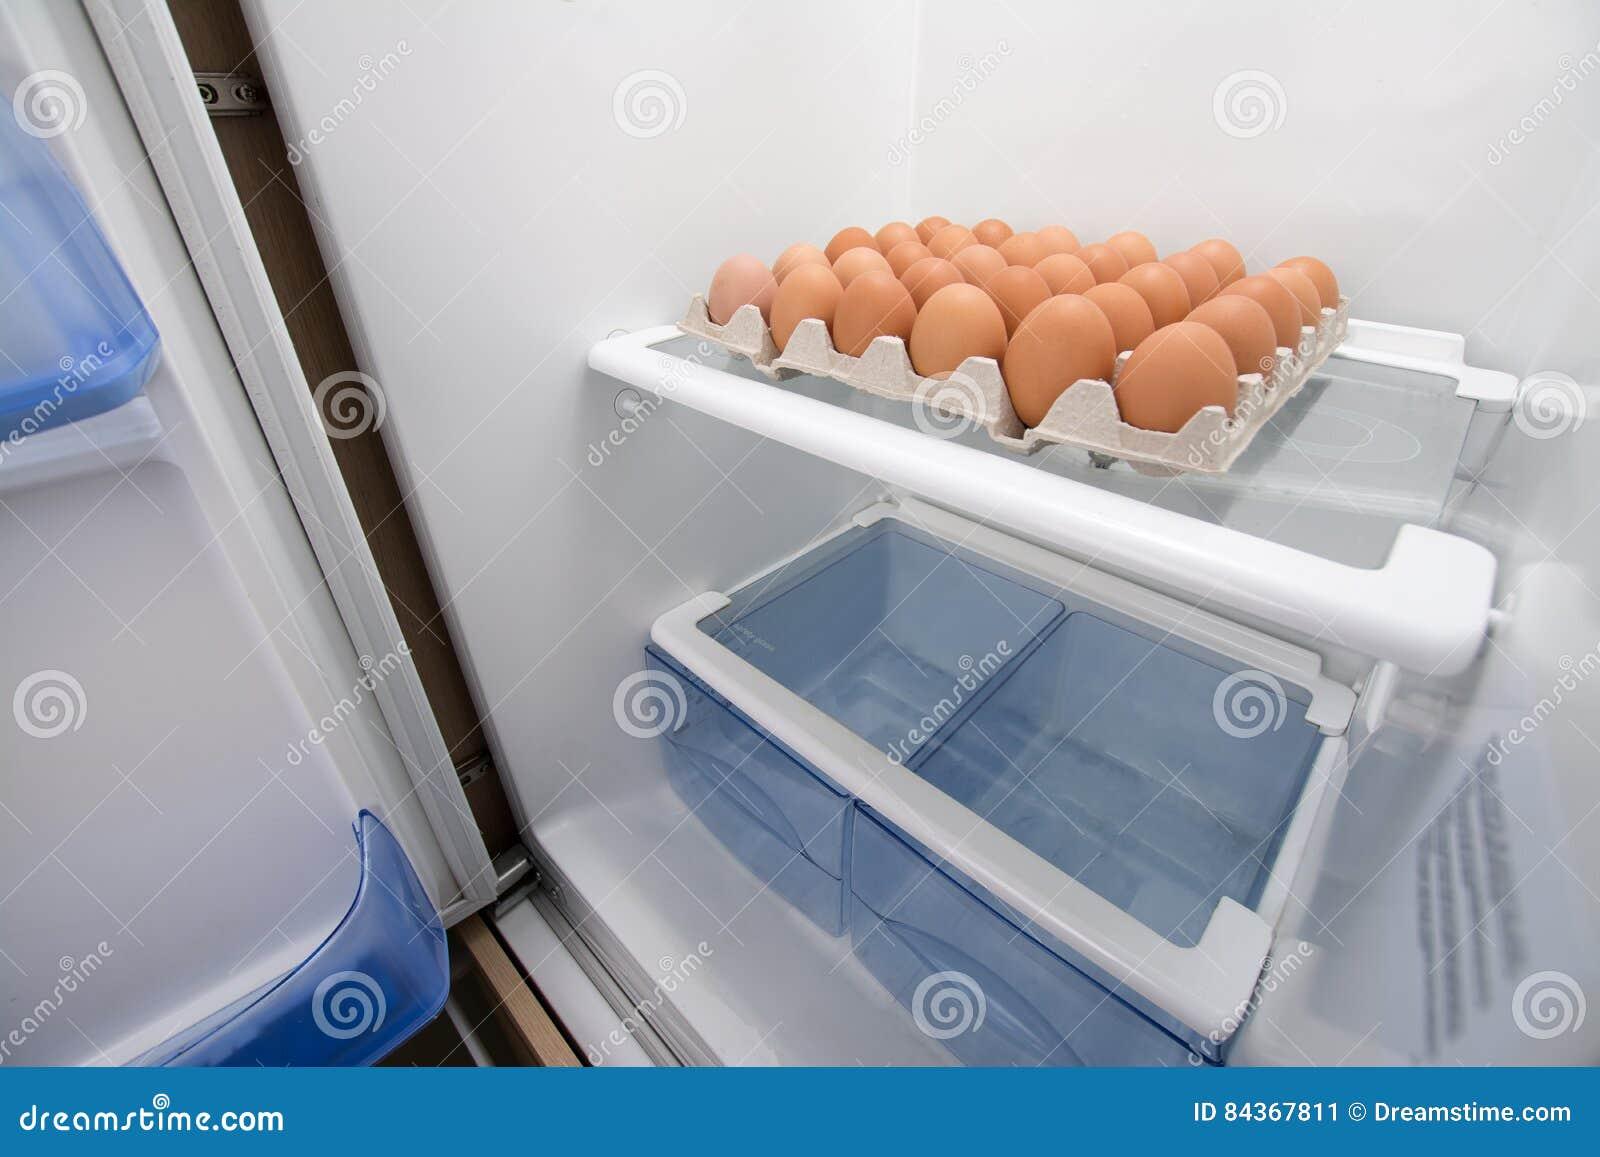 Kühlschrank Ei : Voller kasten eier in einem leeren kühlschrank stockbild bild